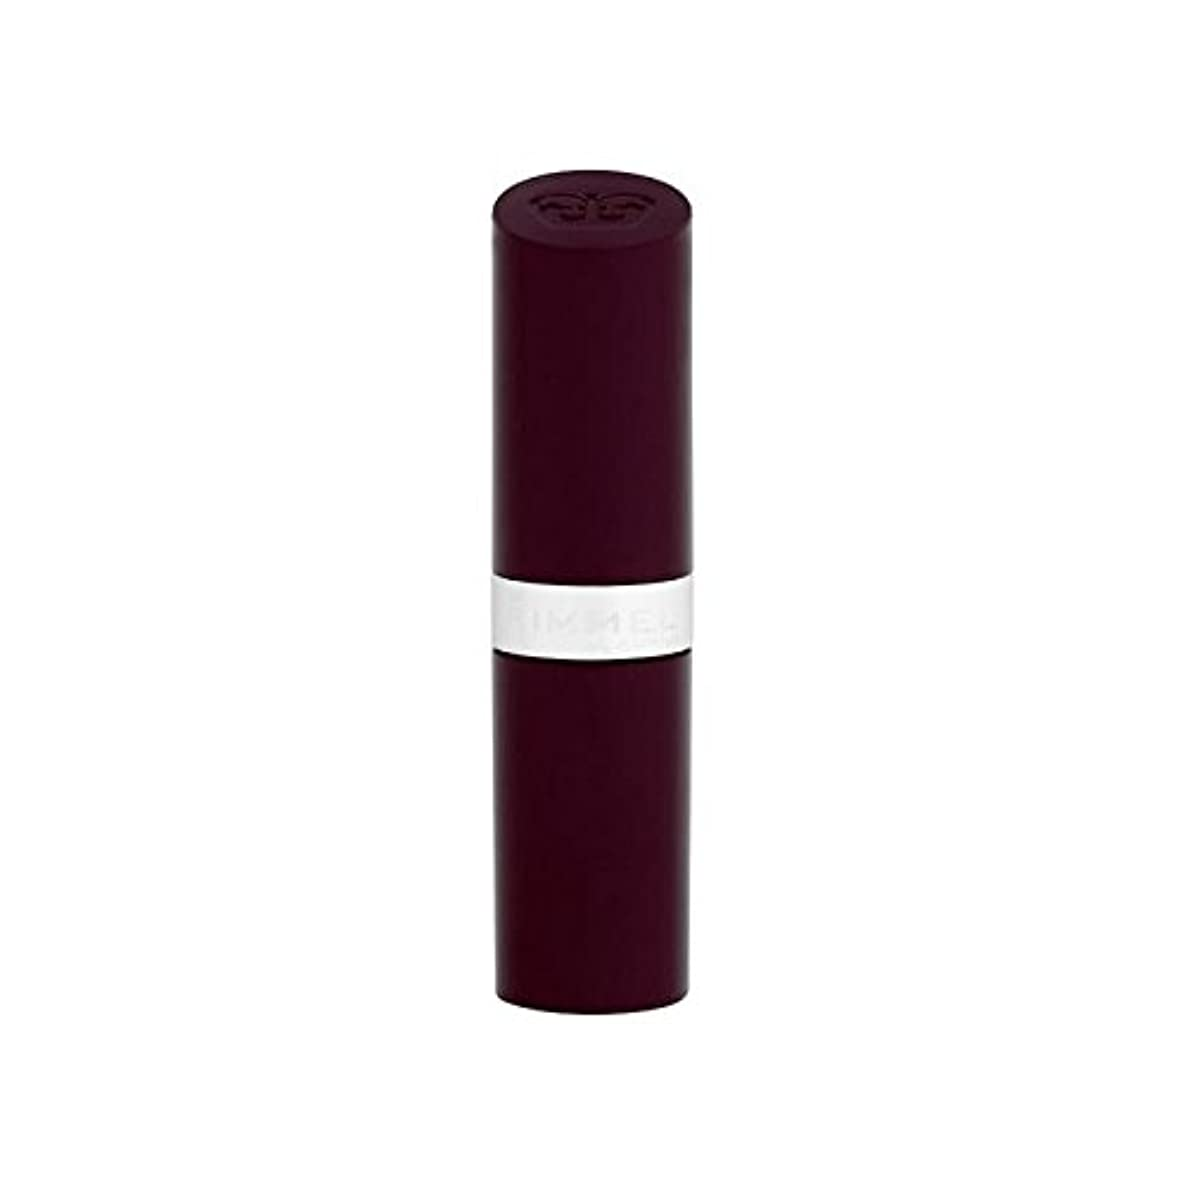 邪魔する弱点用心するリンメル持続的な仕上げの口紅杢きらめき66 x4 - Rimmel Lasting Finish Lipstick Heather Shimmer 66 (Pack of 4) [並行輸入品]